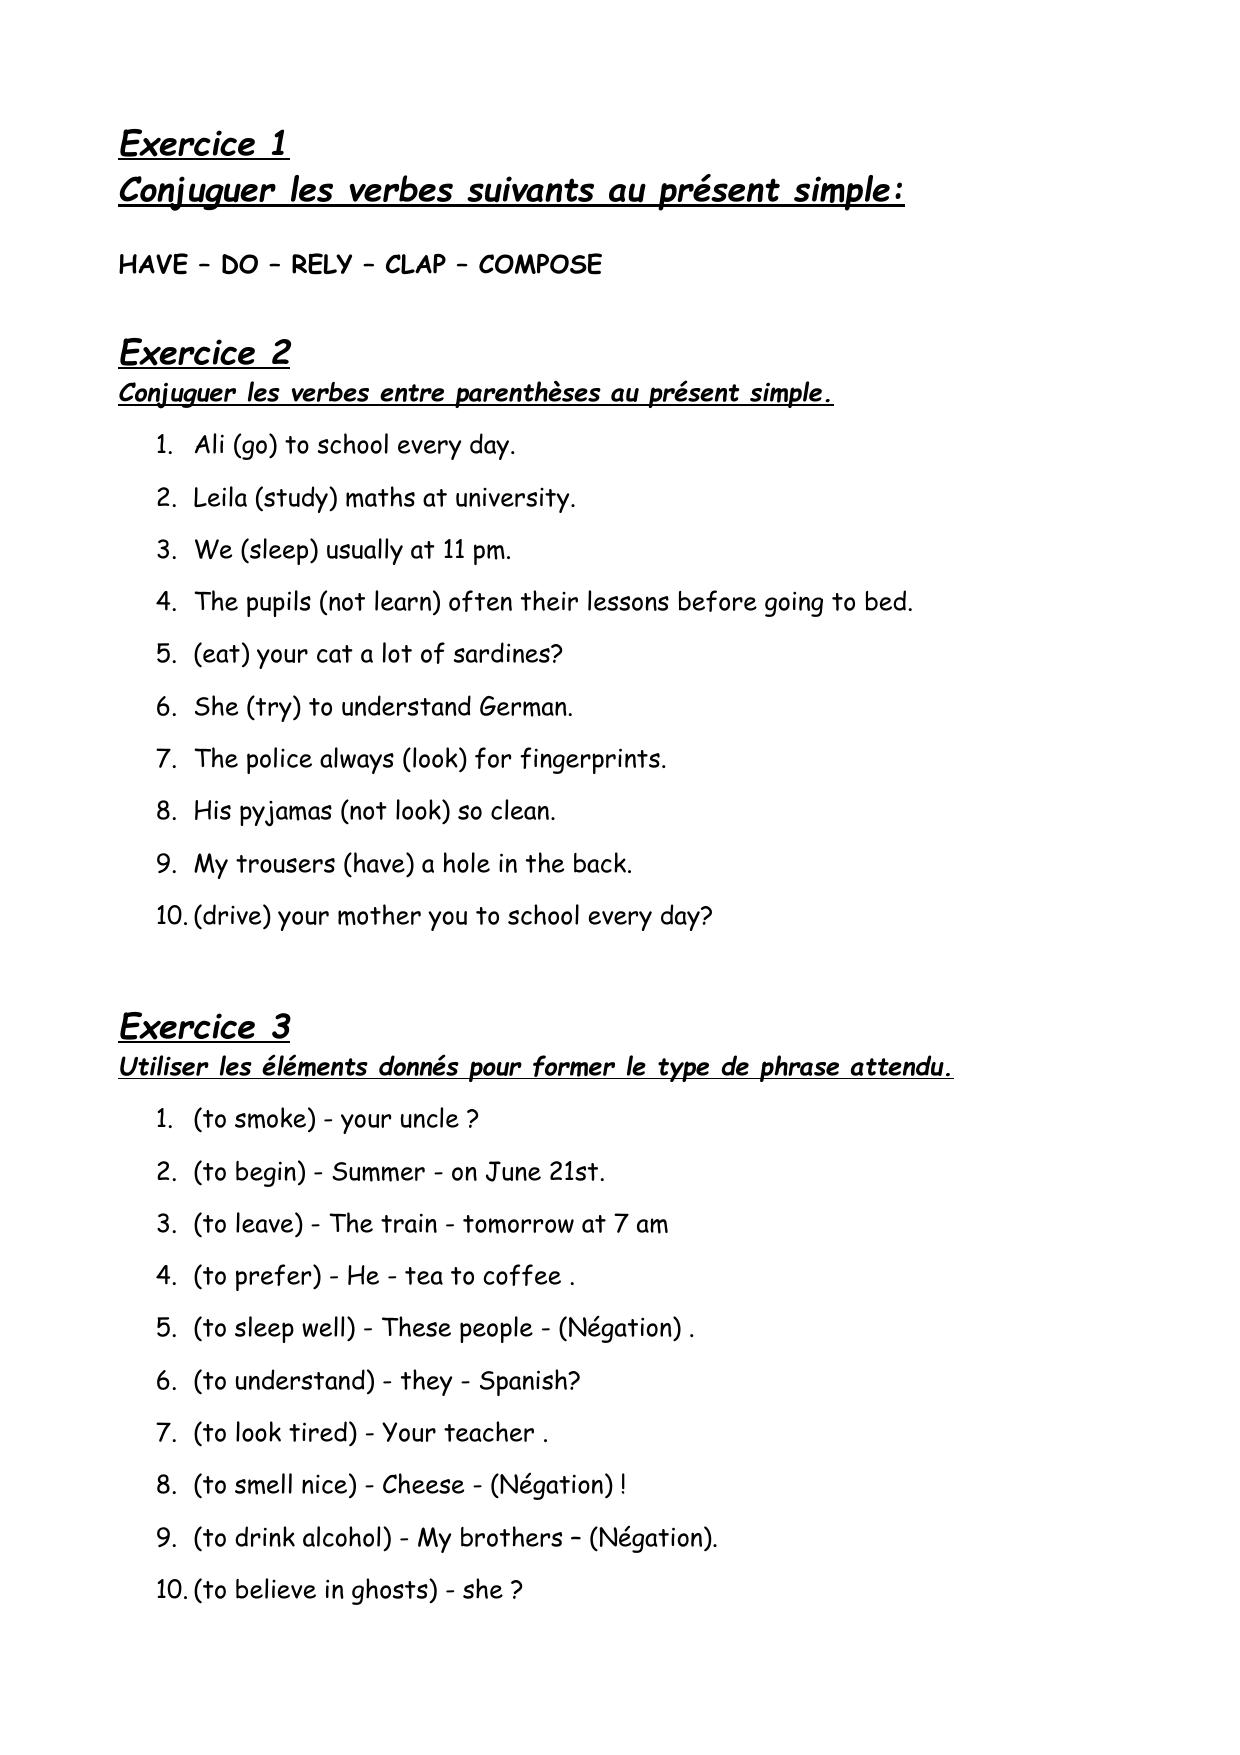 Exercice 1 Conjuguer Les Verbes Suivants Au Present Simple